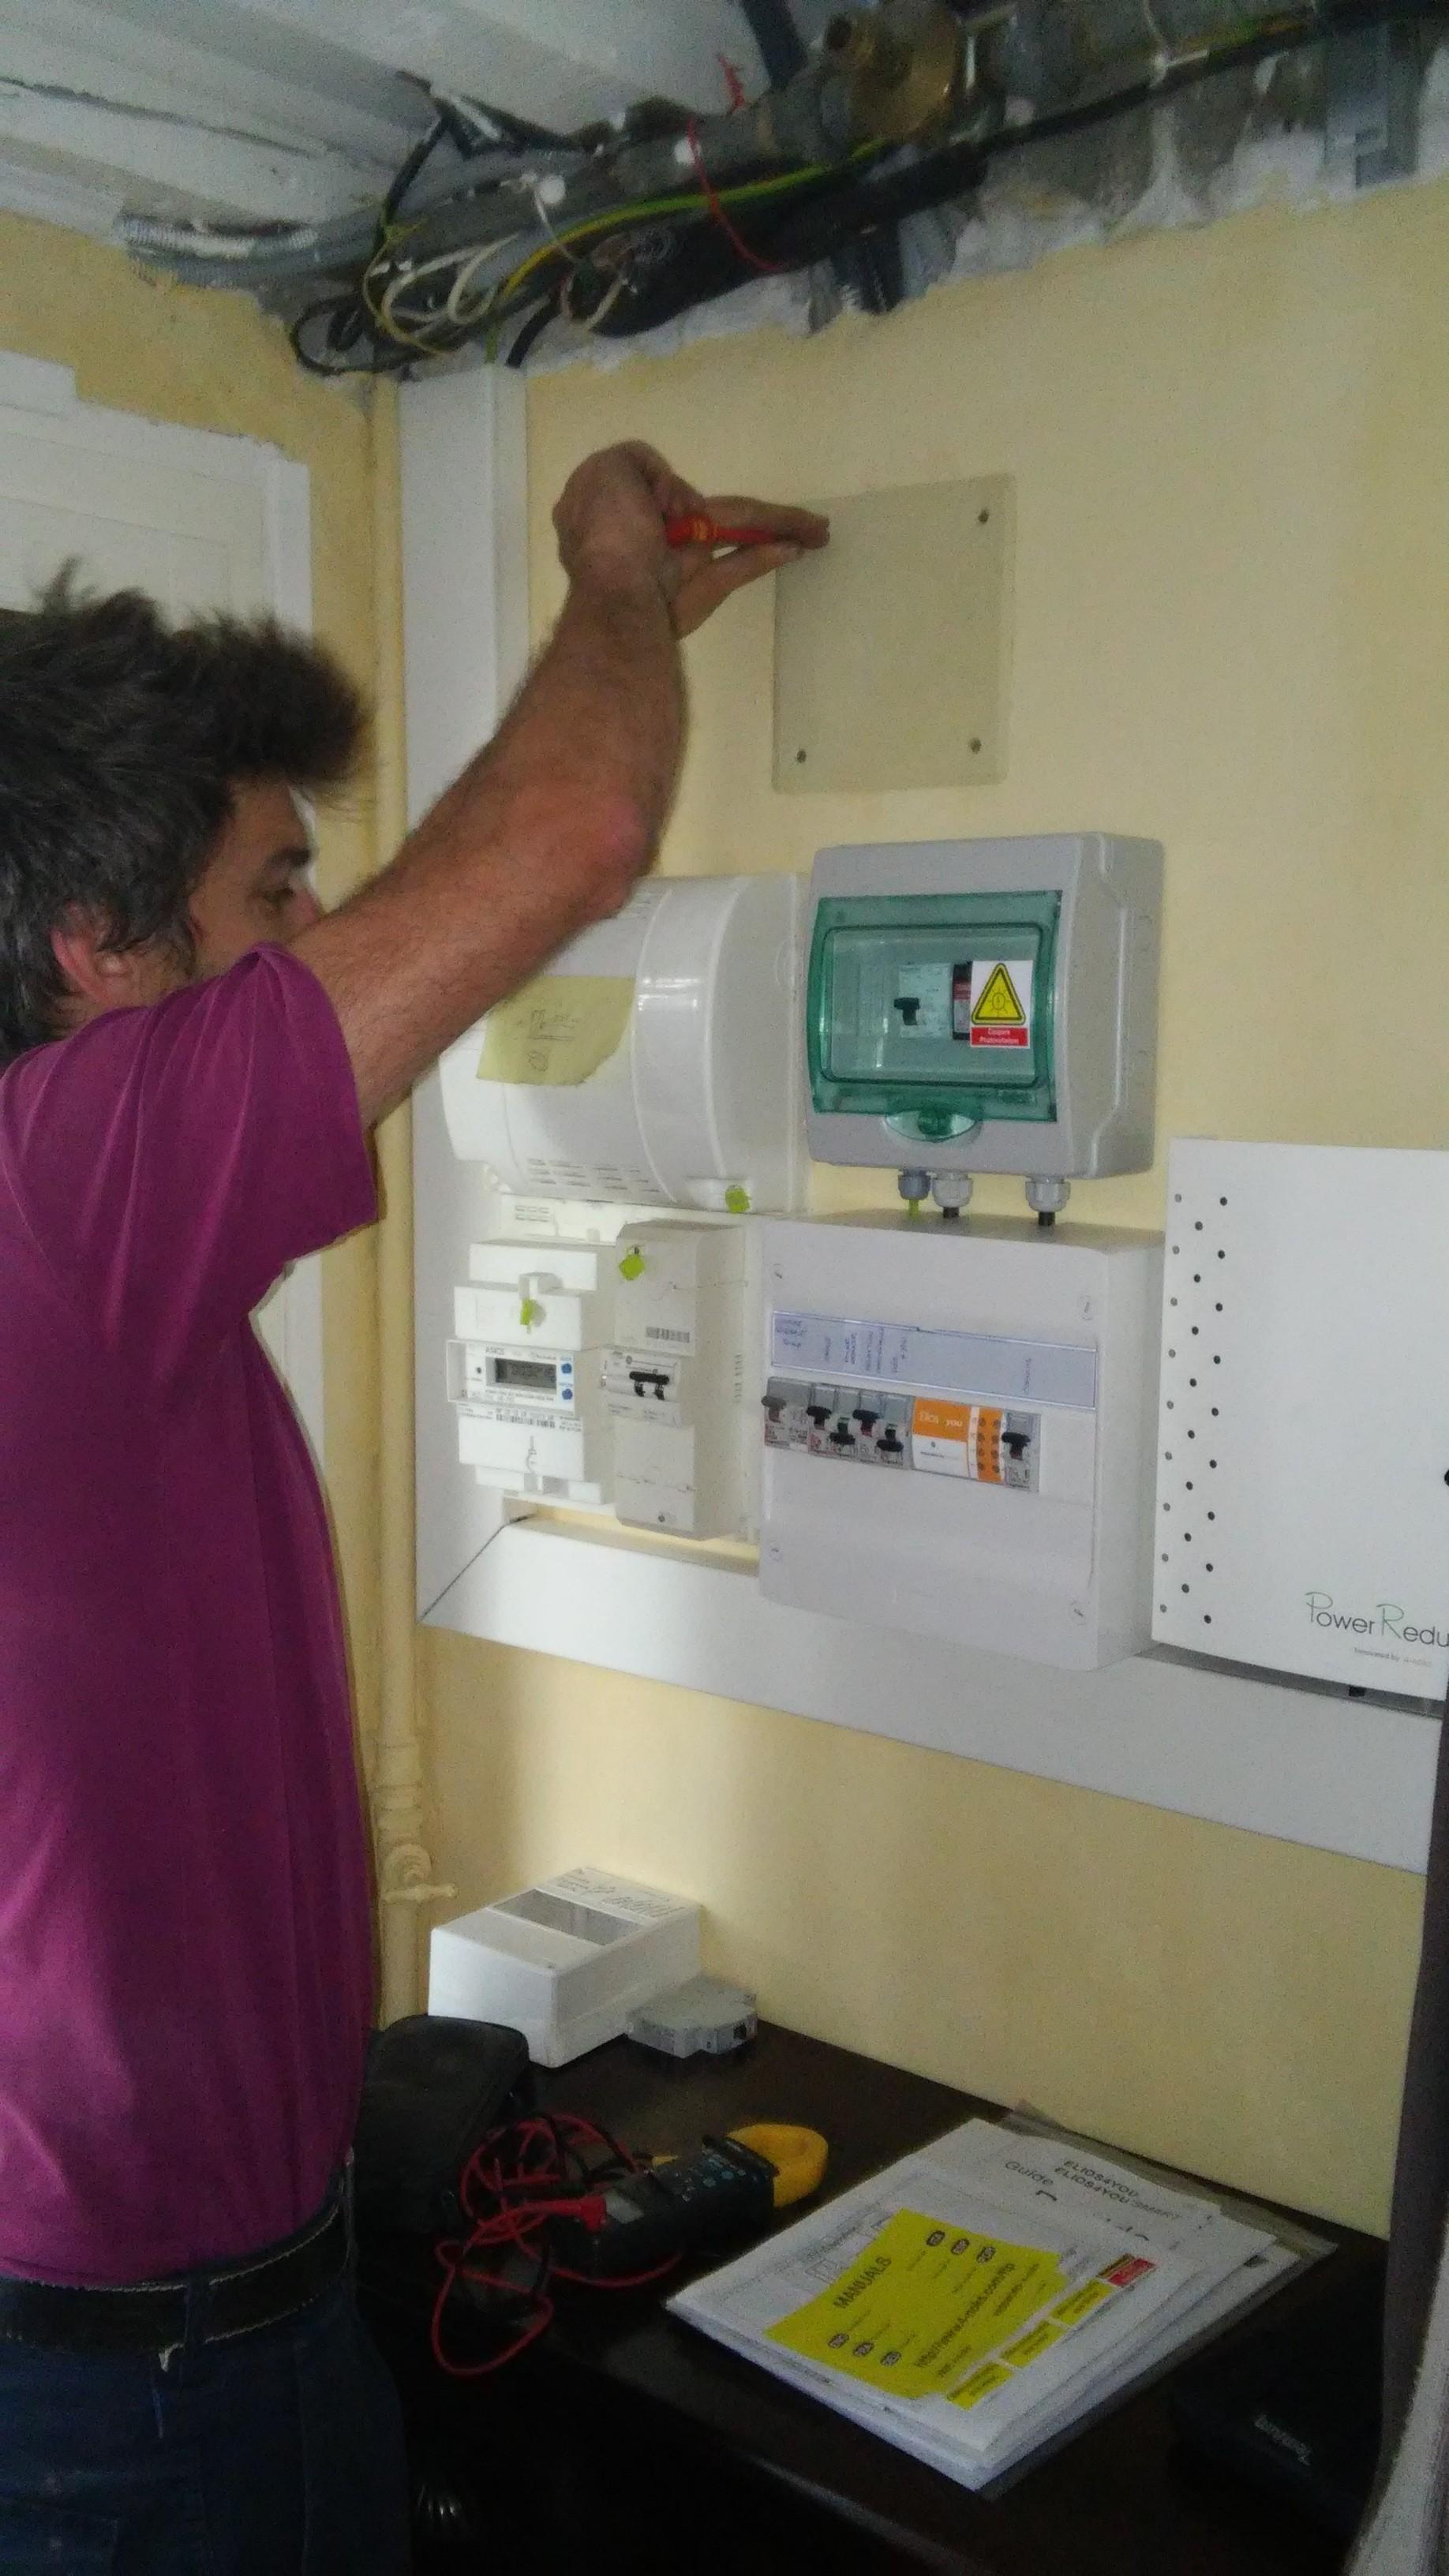 Installation photovoltaïque optimisée à Toulouse 31 éléments électriques